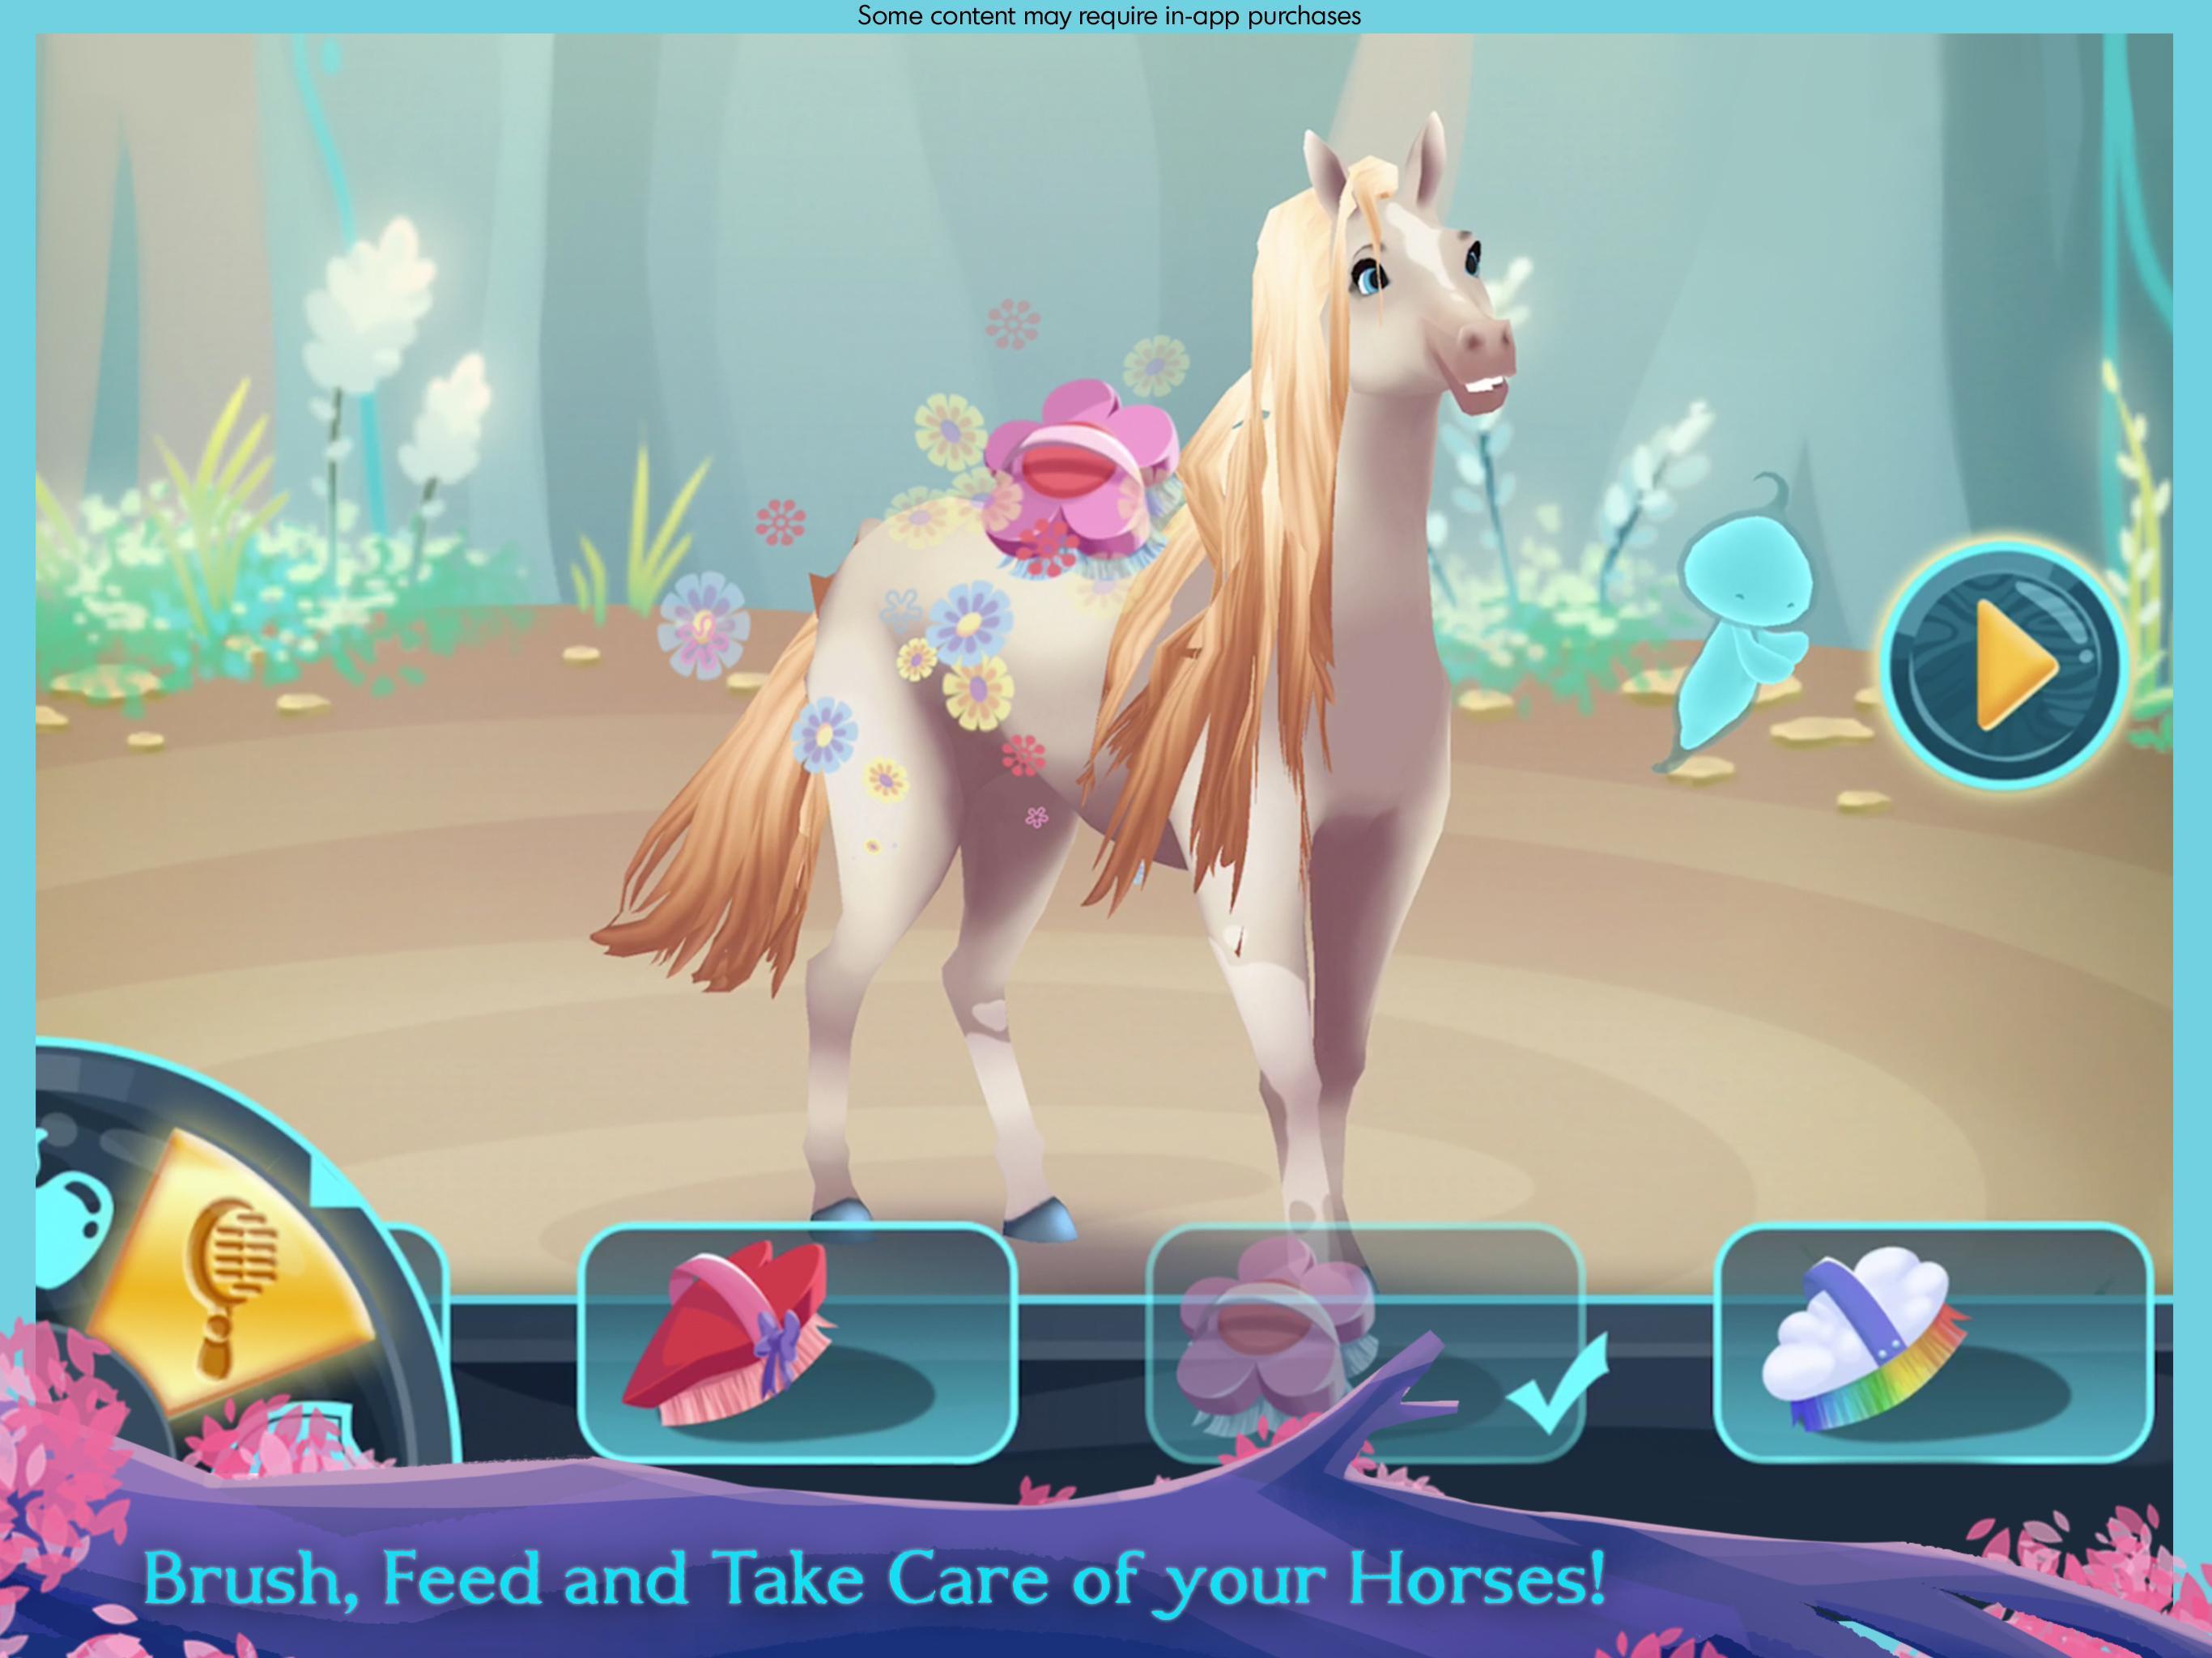 EverRun The Horse Guardians - Epic Endless Runner 2.3 Screenshot 15